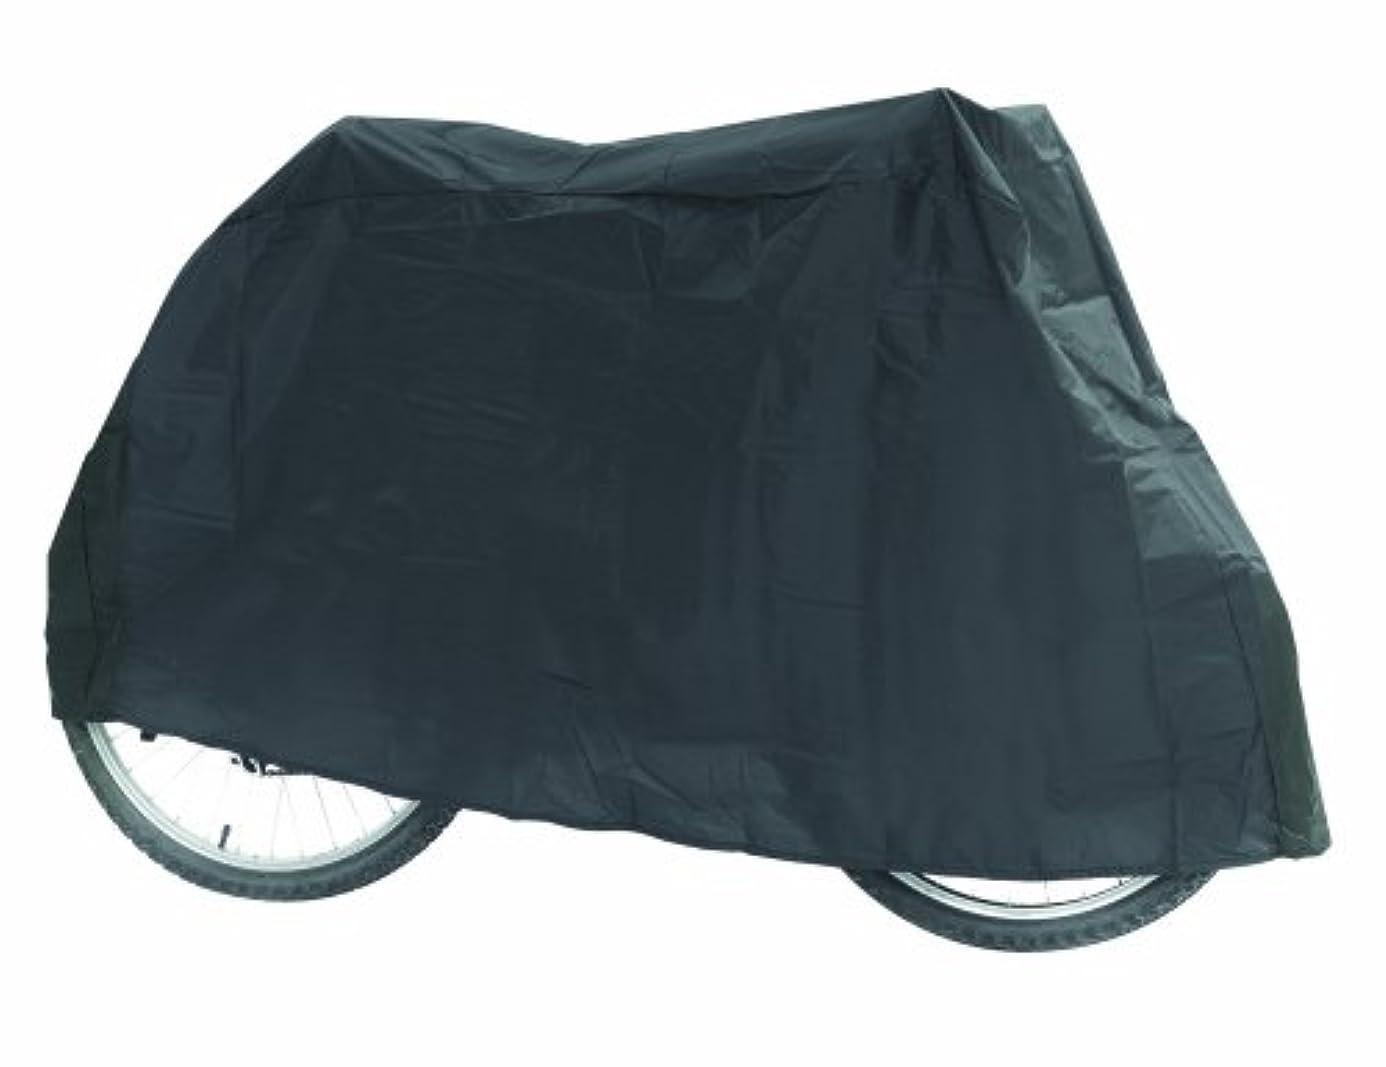 ぜいたく省略する未接続Avenir Nylon Bicycle Cover - Black